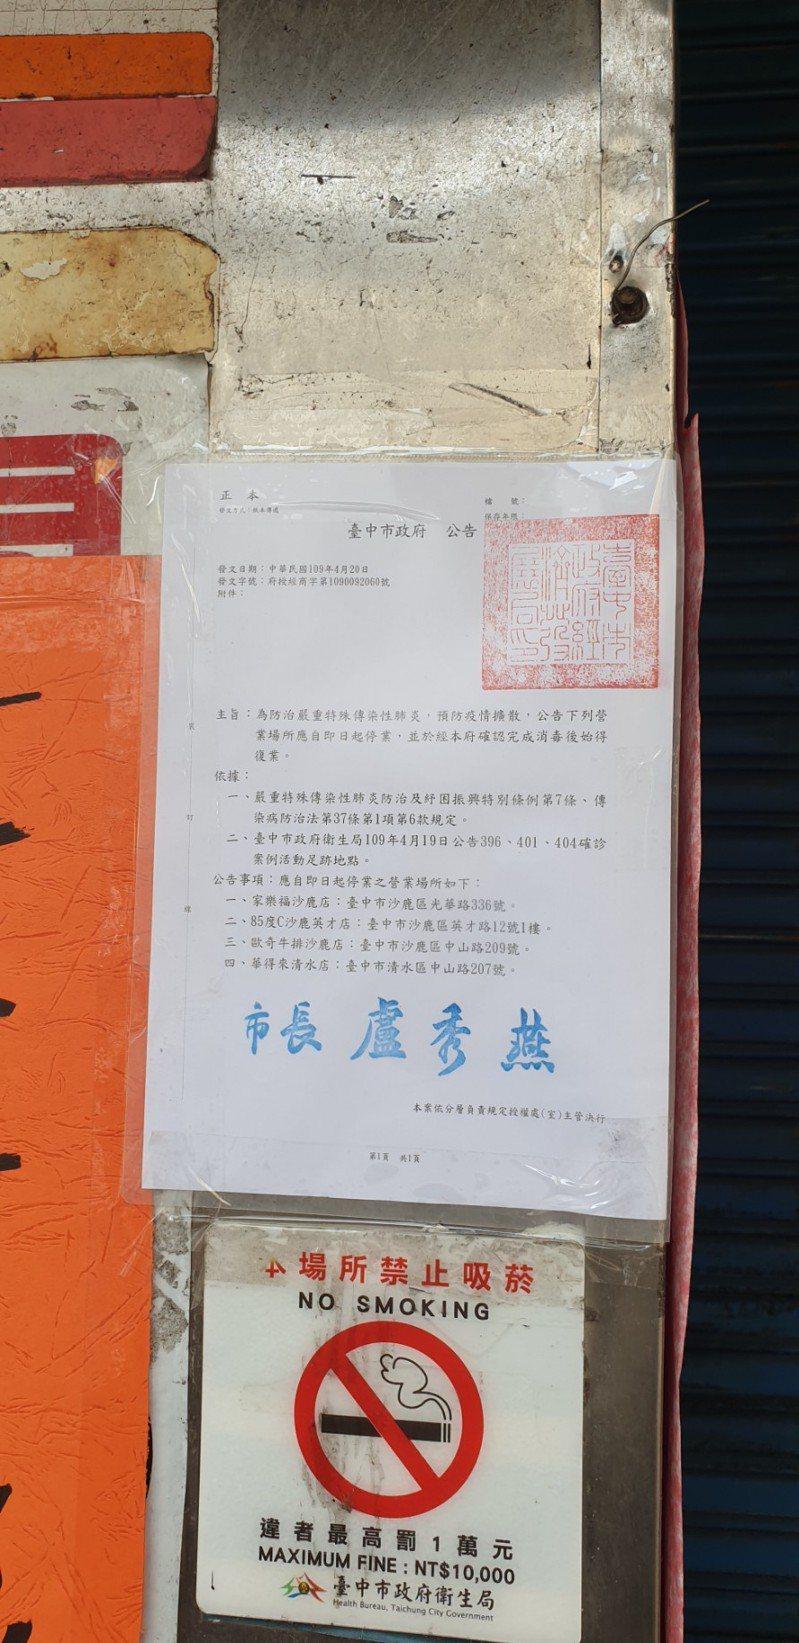 磐石艦確診官兵曾去過台中海線的一家牛排館,業者自行停業14天,加強消毒。記者游振昇/攝影